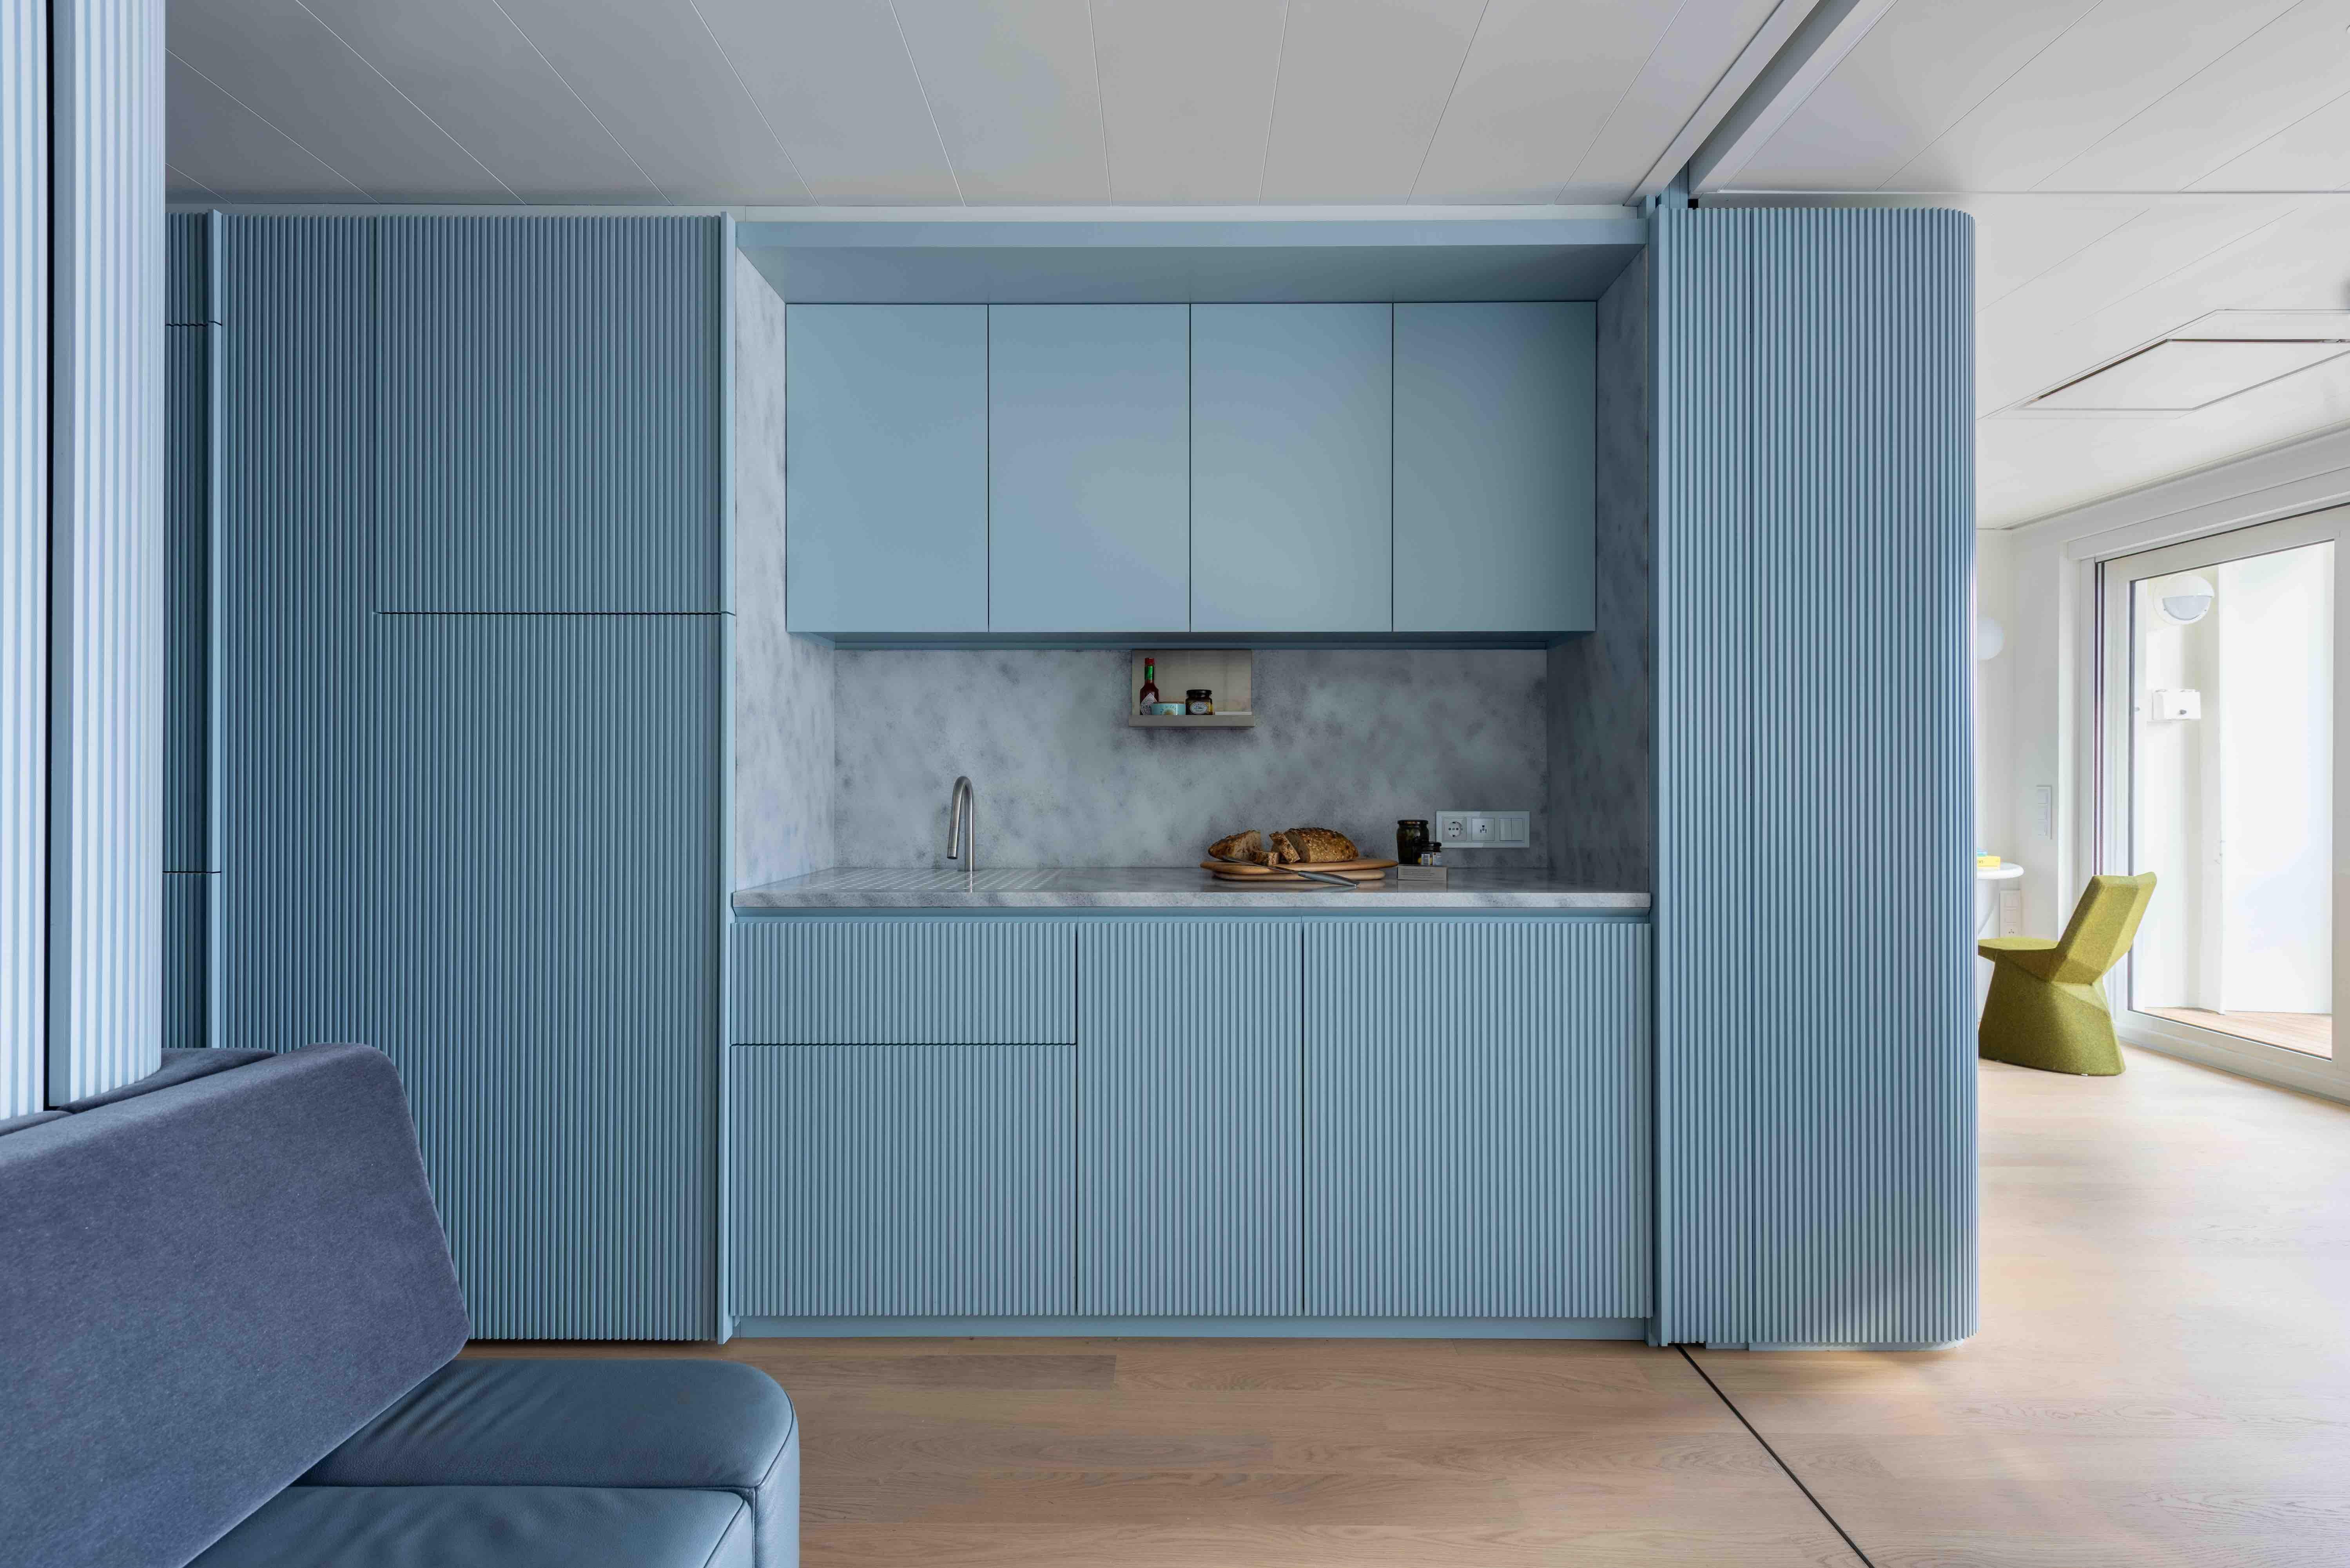 Da mono a bilocale: questa casa pied-à-mer (dentro a una nave) riprende la lezione modernista di Le Corbusier